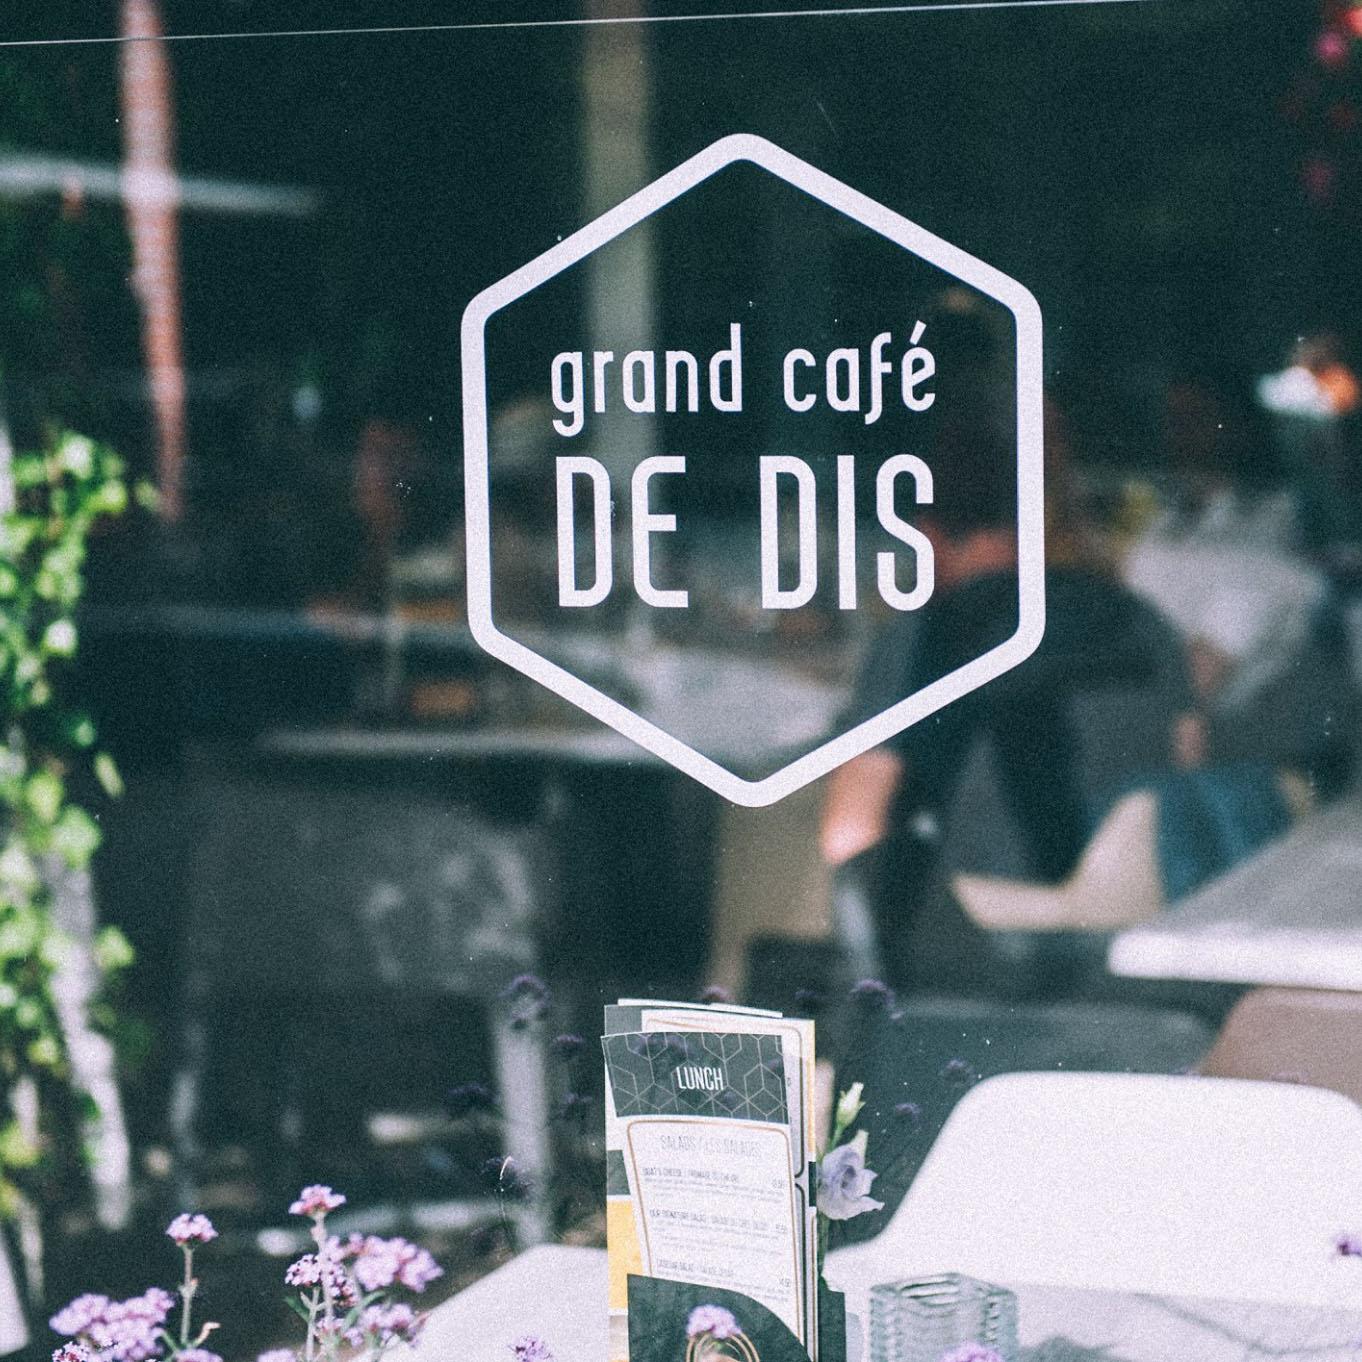 Grand cafe de dis